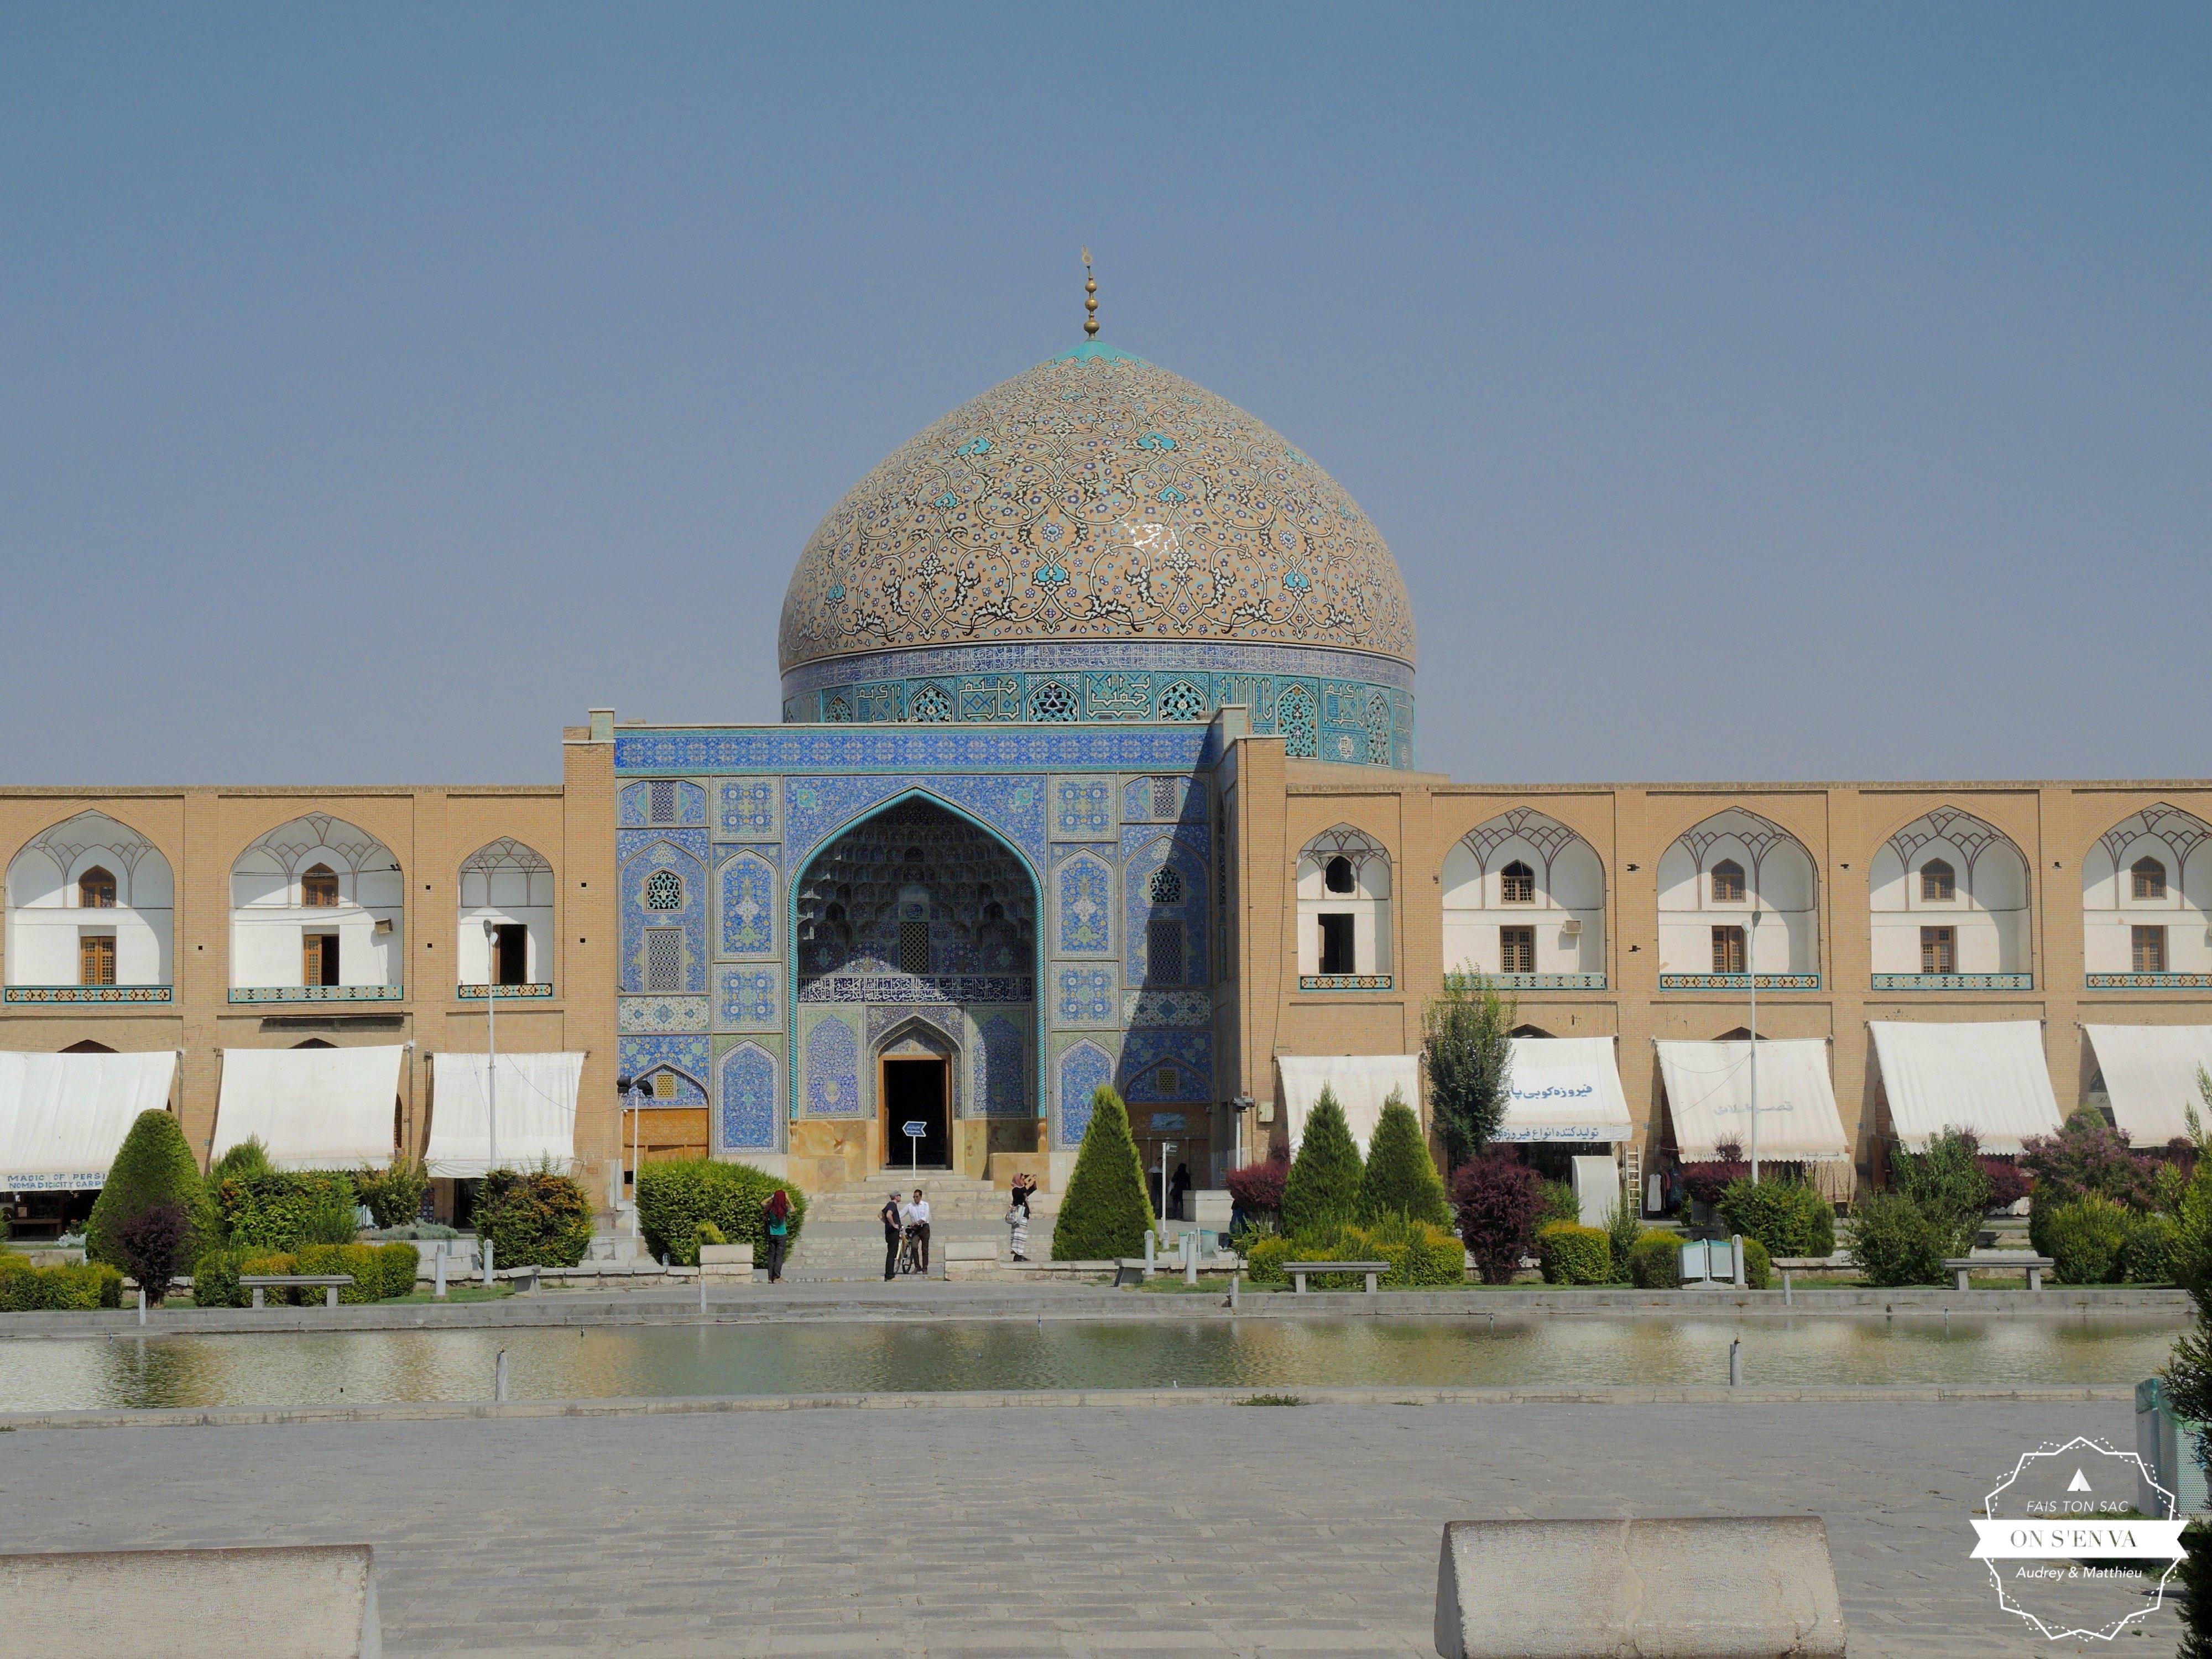 Naqsh-e-Jahan